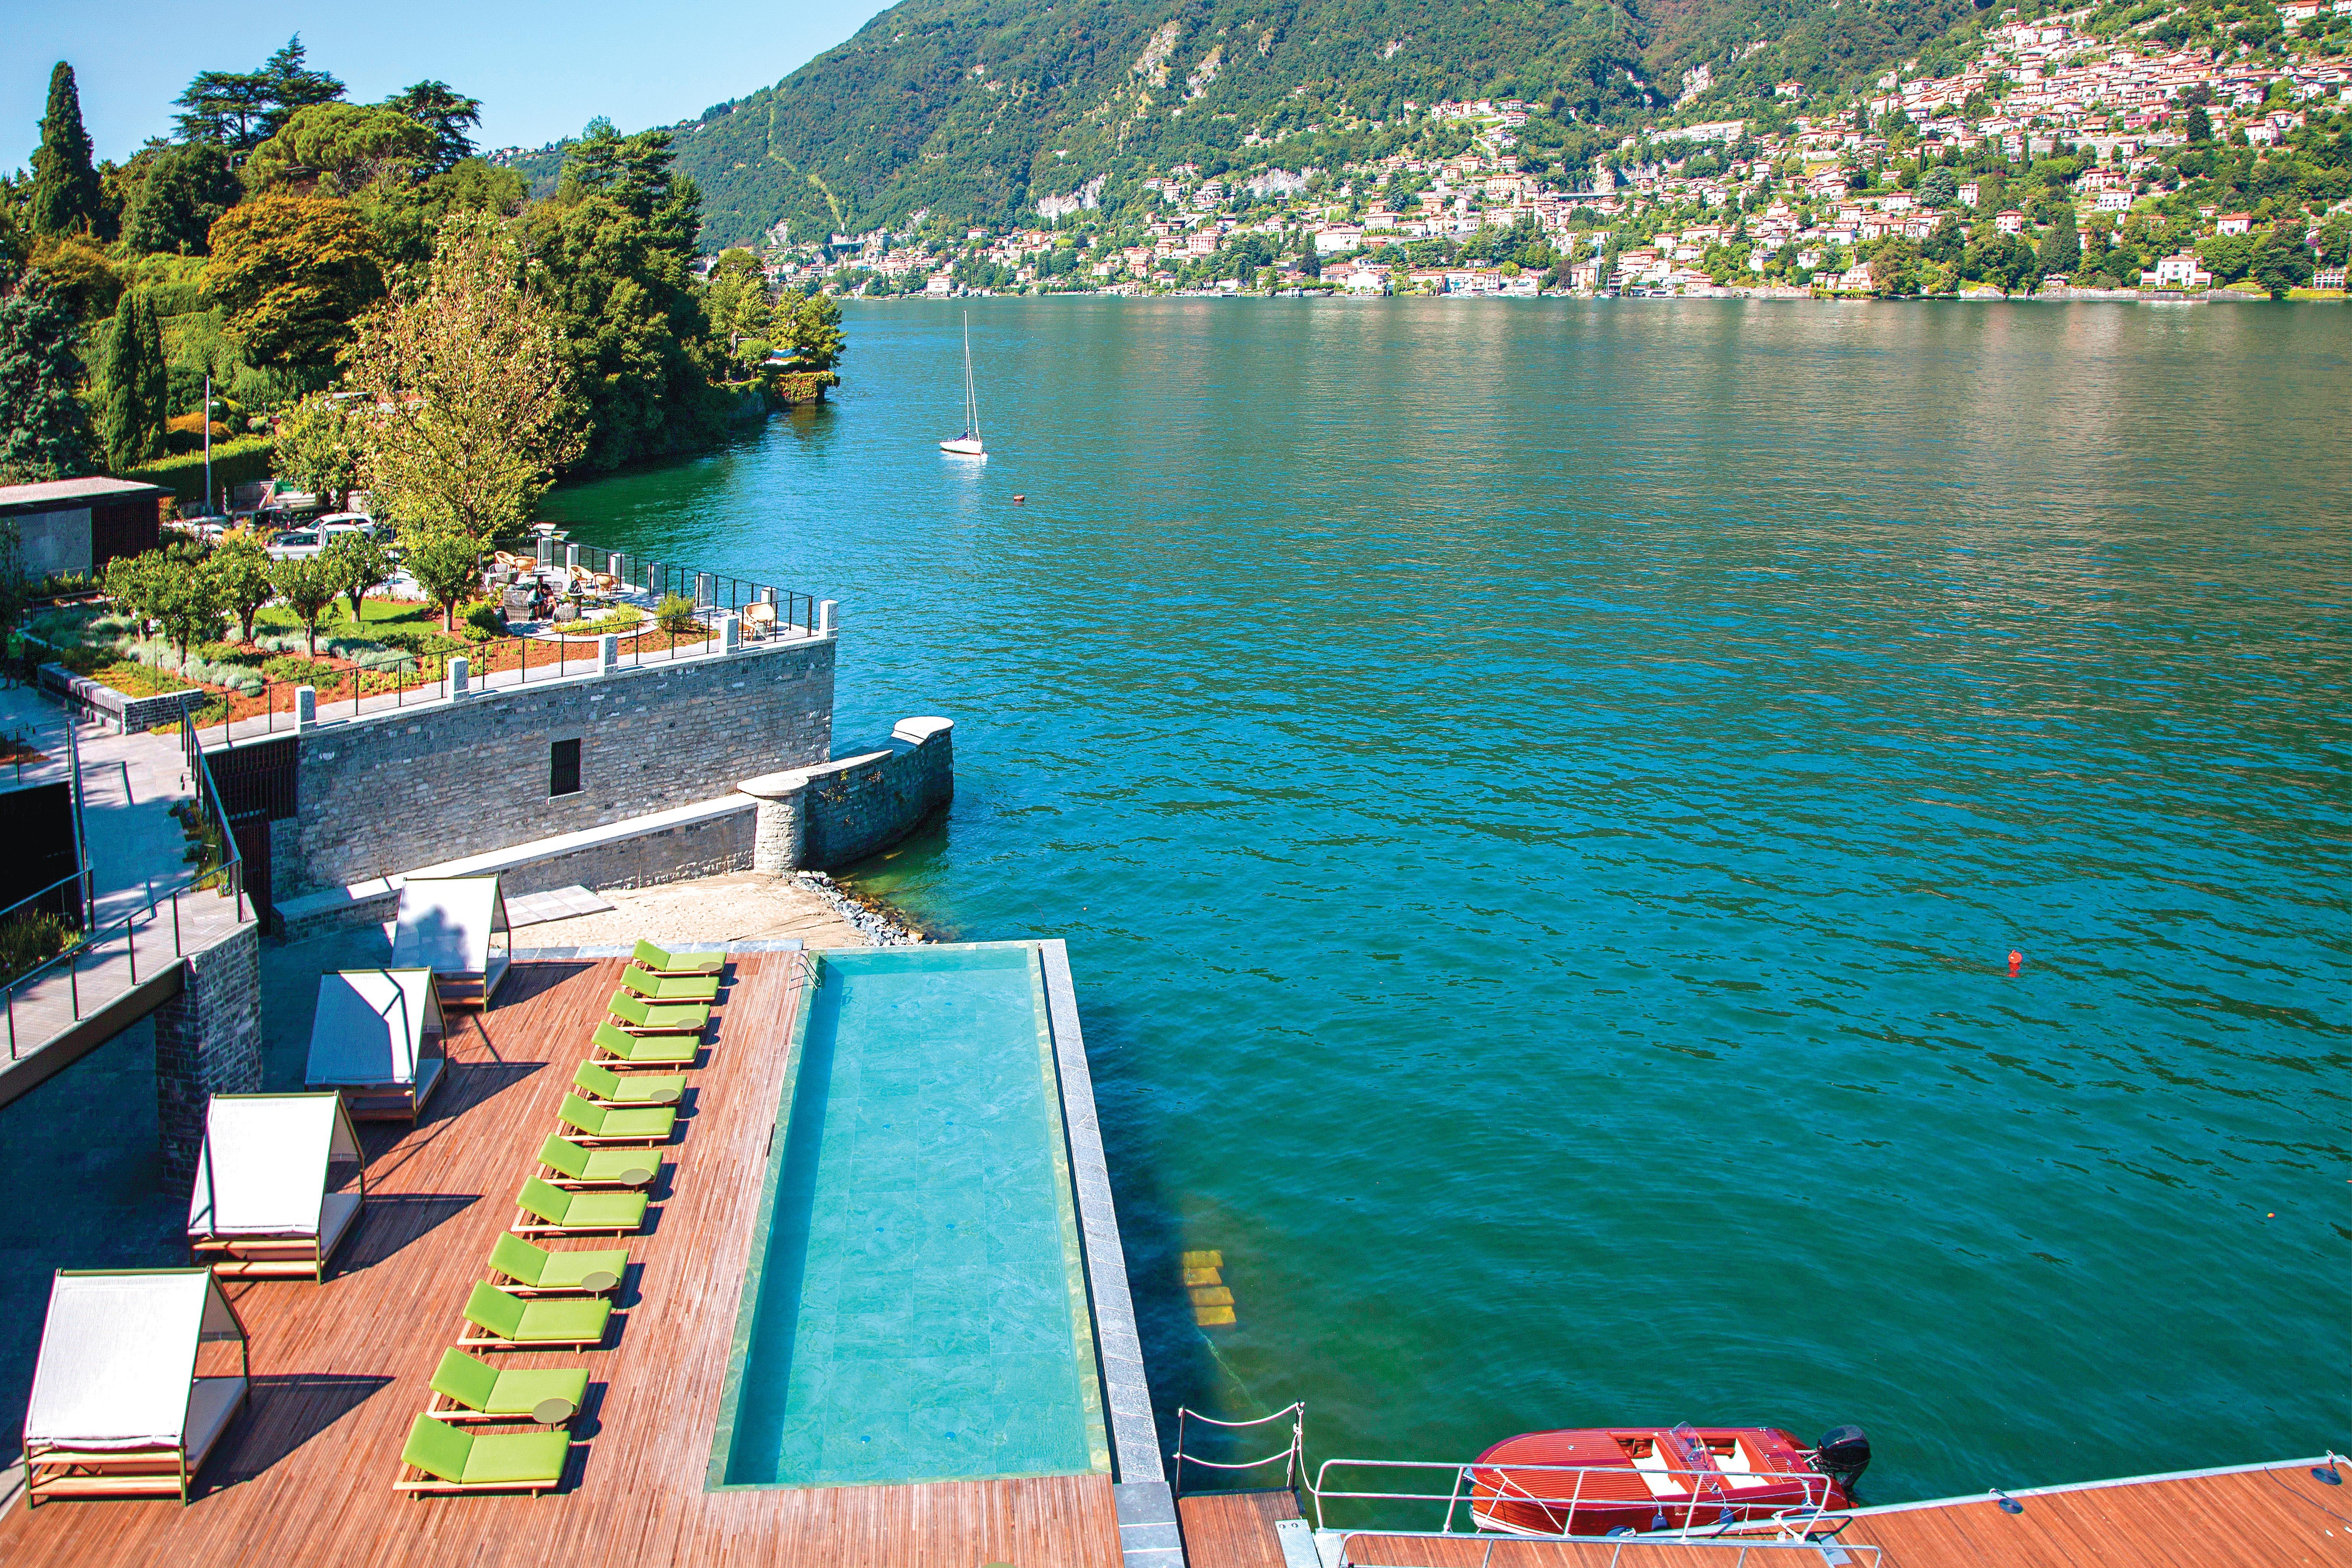 Panorâmica de parte do Lago Como. Em primeiro plano e à beira d'água, cadeiras reclináveis e a piscina compõem o limite do Il Sereno Hotel. Ao fundo, casinhas amontoam-se sob os pés das montanhas